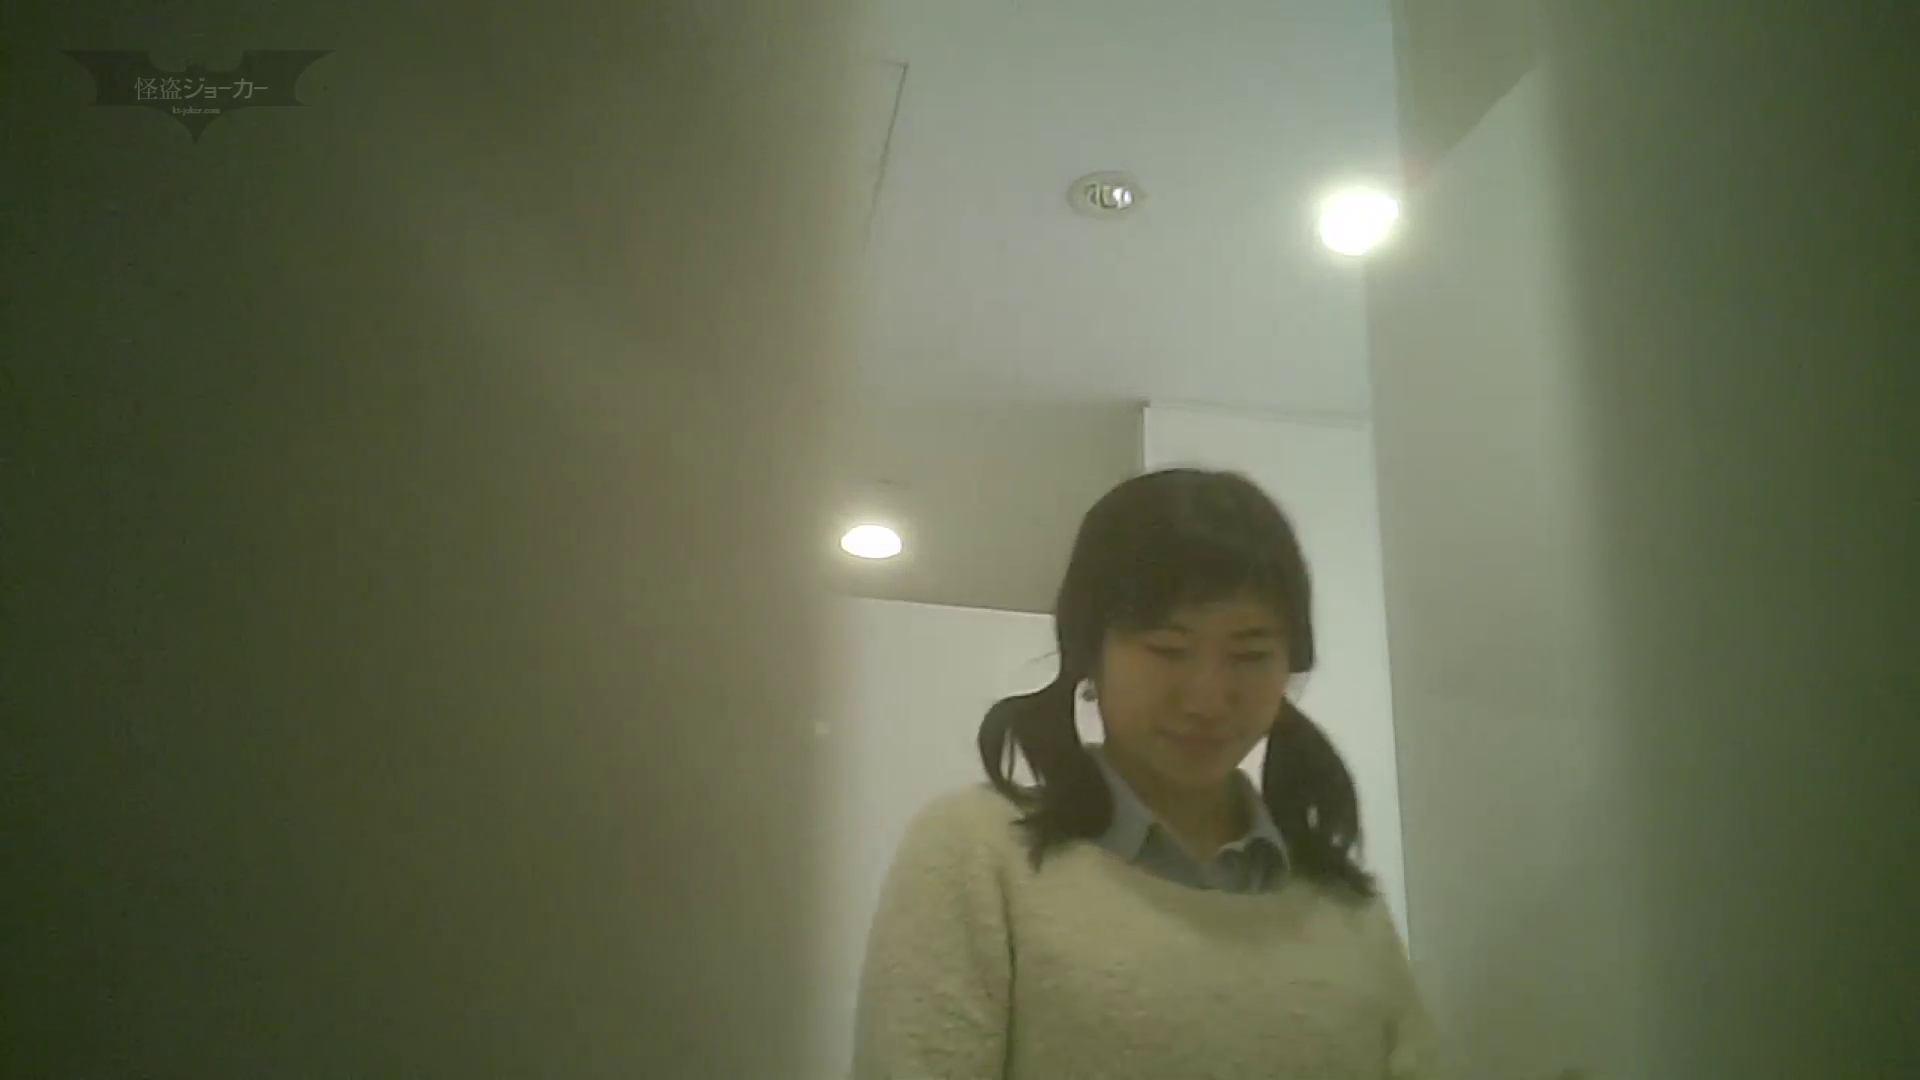 有名大学女性洗面所 vol.54 設置撮影最高峰!! 3視点でじっくり観察 投稿 のぞき動画画像 97pic 83